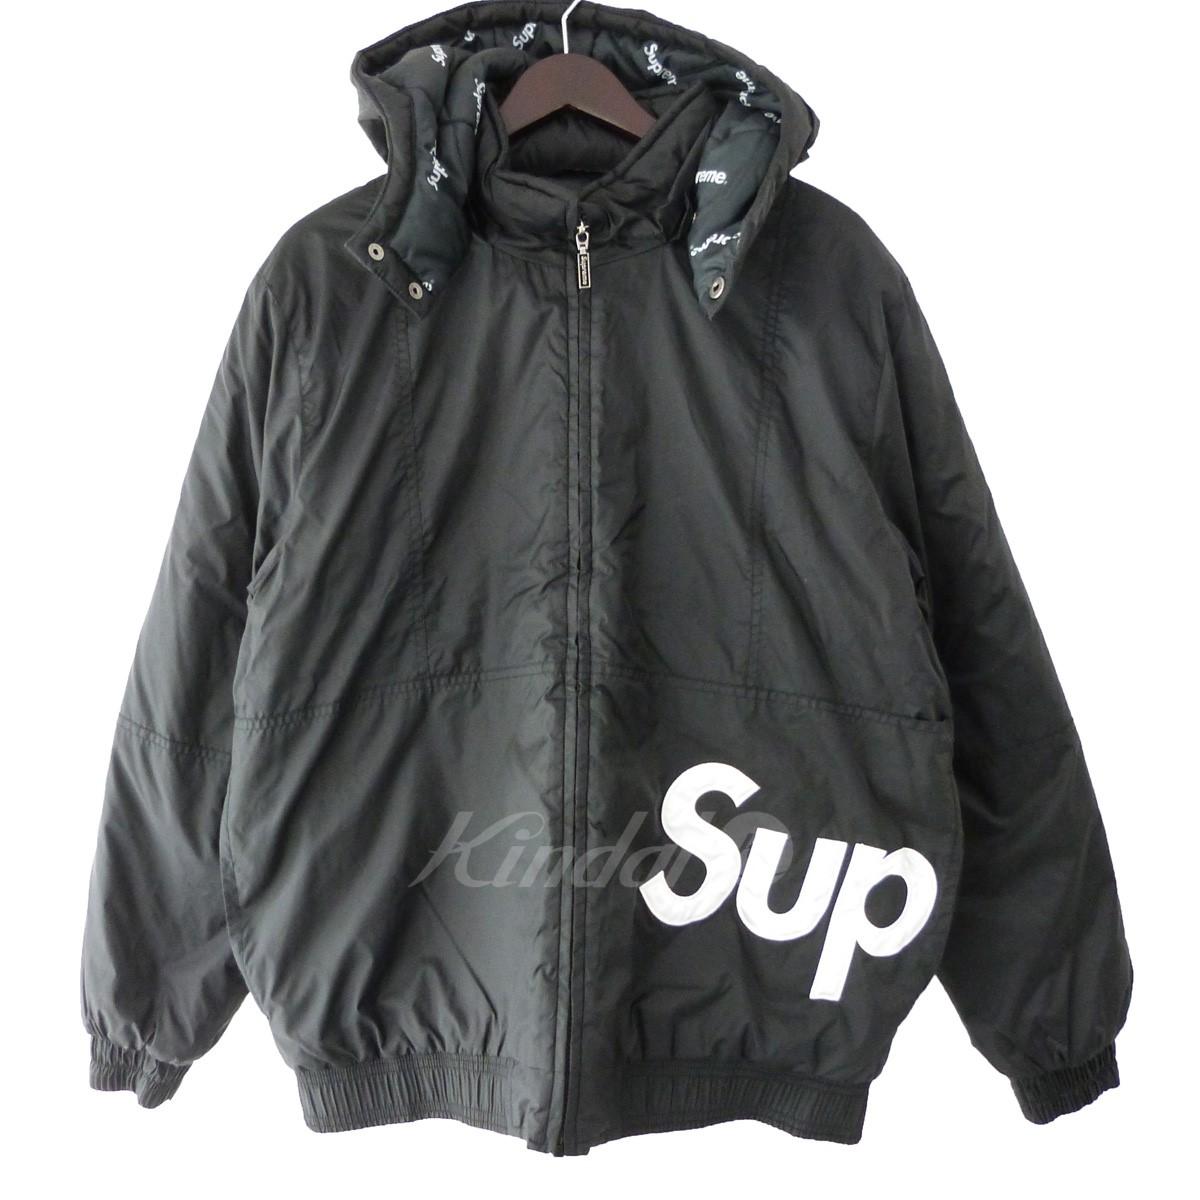 【中古】SUPREME 16AW「Sideline Side Logo Parka」サイドラインサイドロゴパーカー ブラック サイズ:M 【送料無料】 【140319】(シュプリーム)